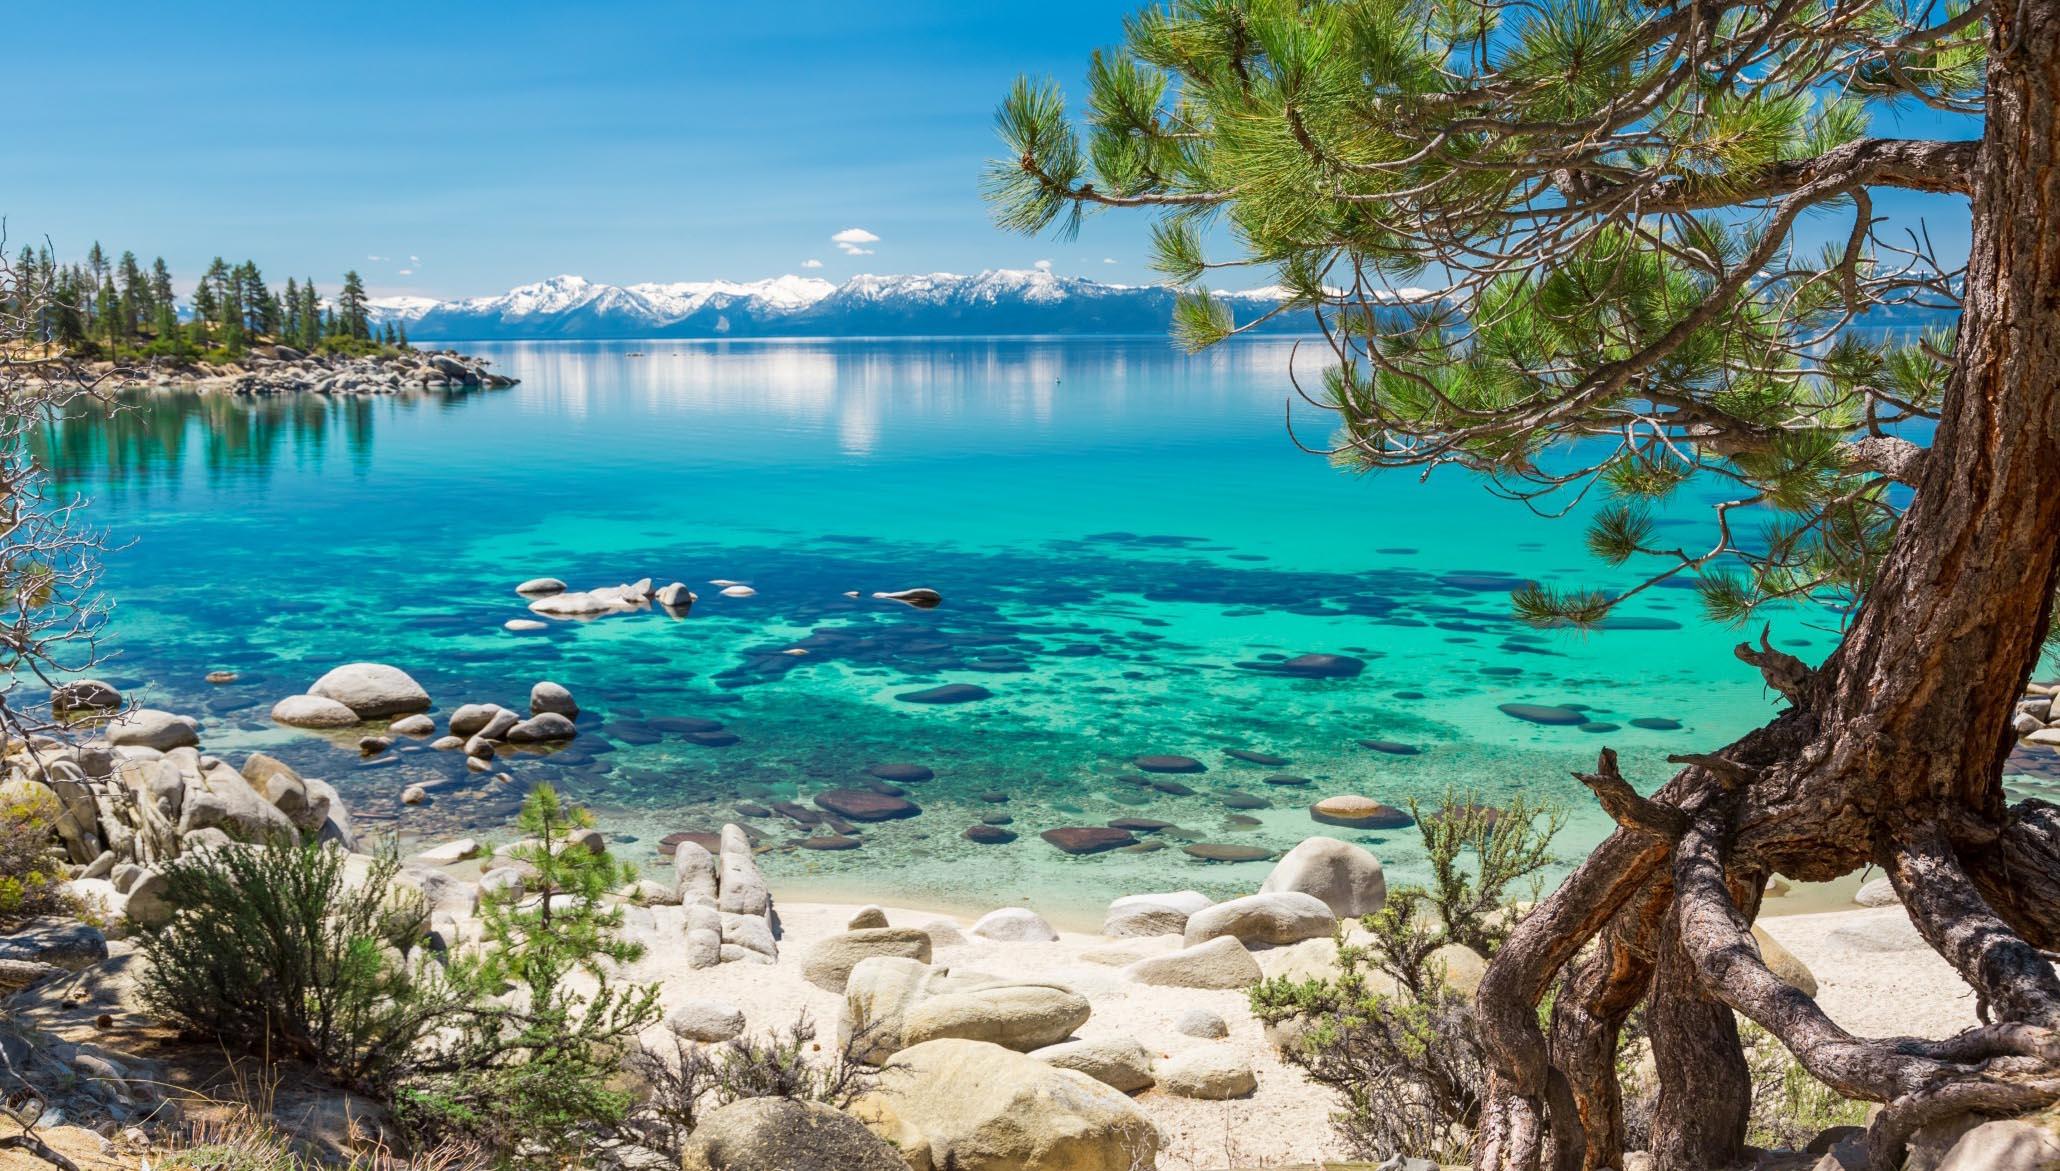 Lake Tahoe - coming soon.....